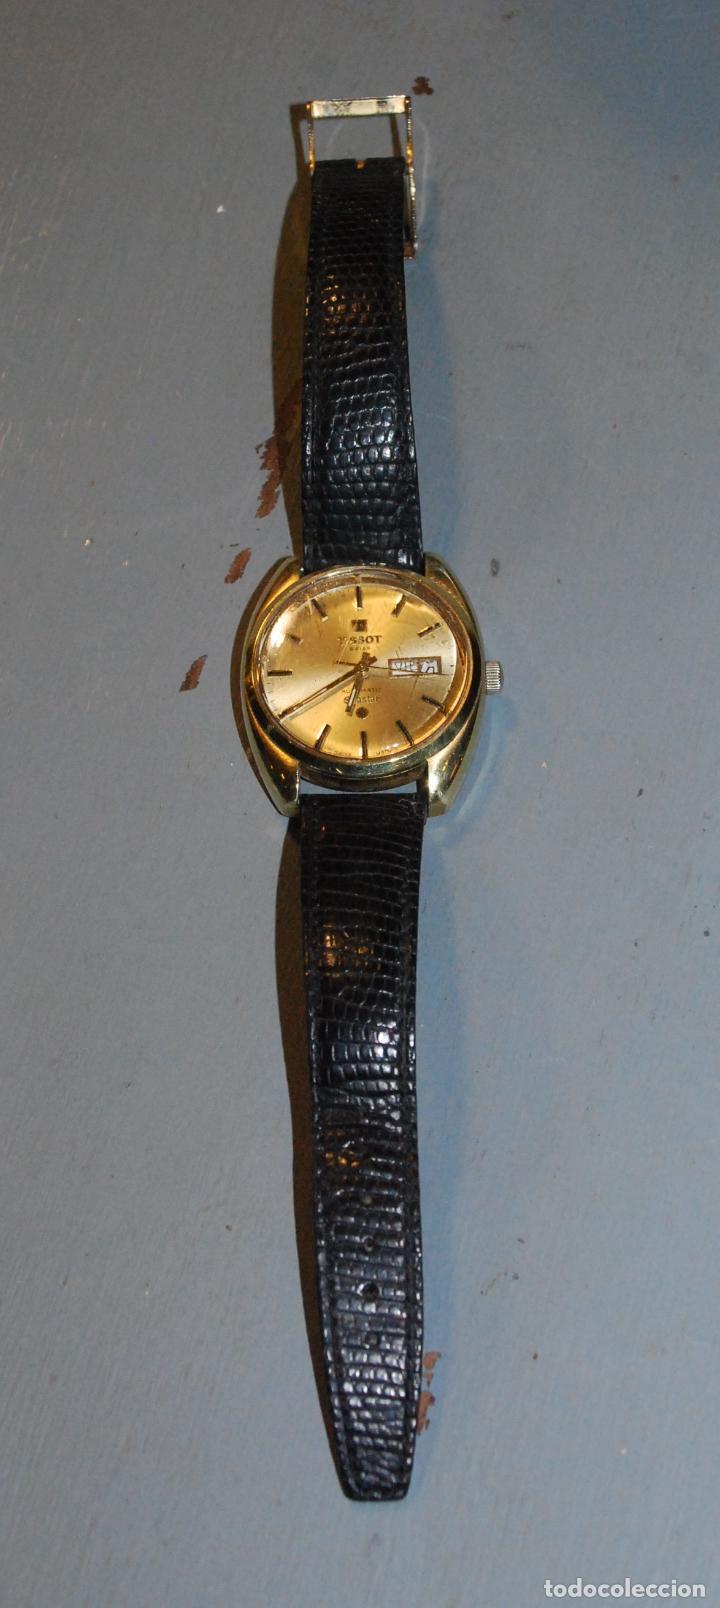 Relojes - Tissot: RELOJ TISSOT VINTAGE - Foto 3 - 74987387